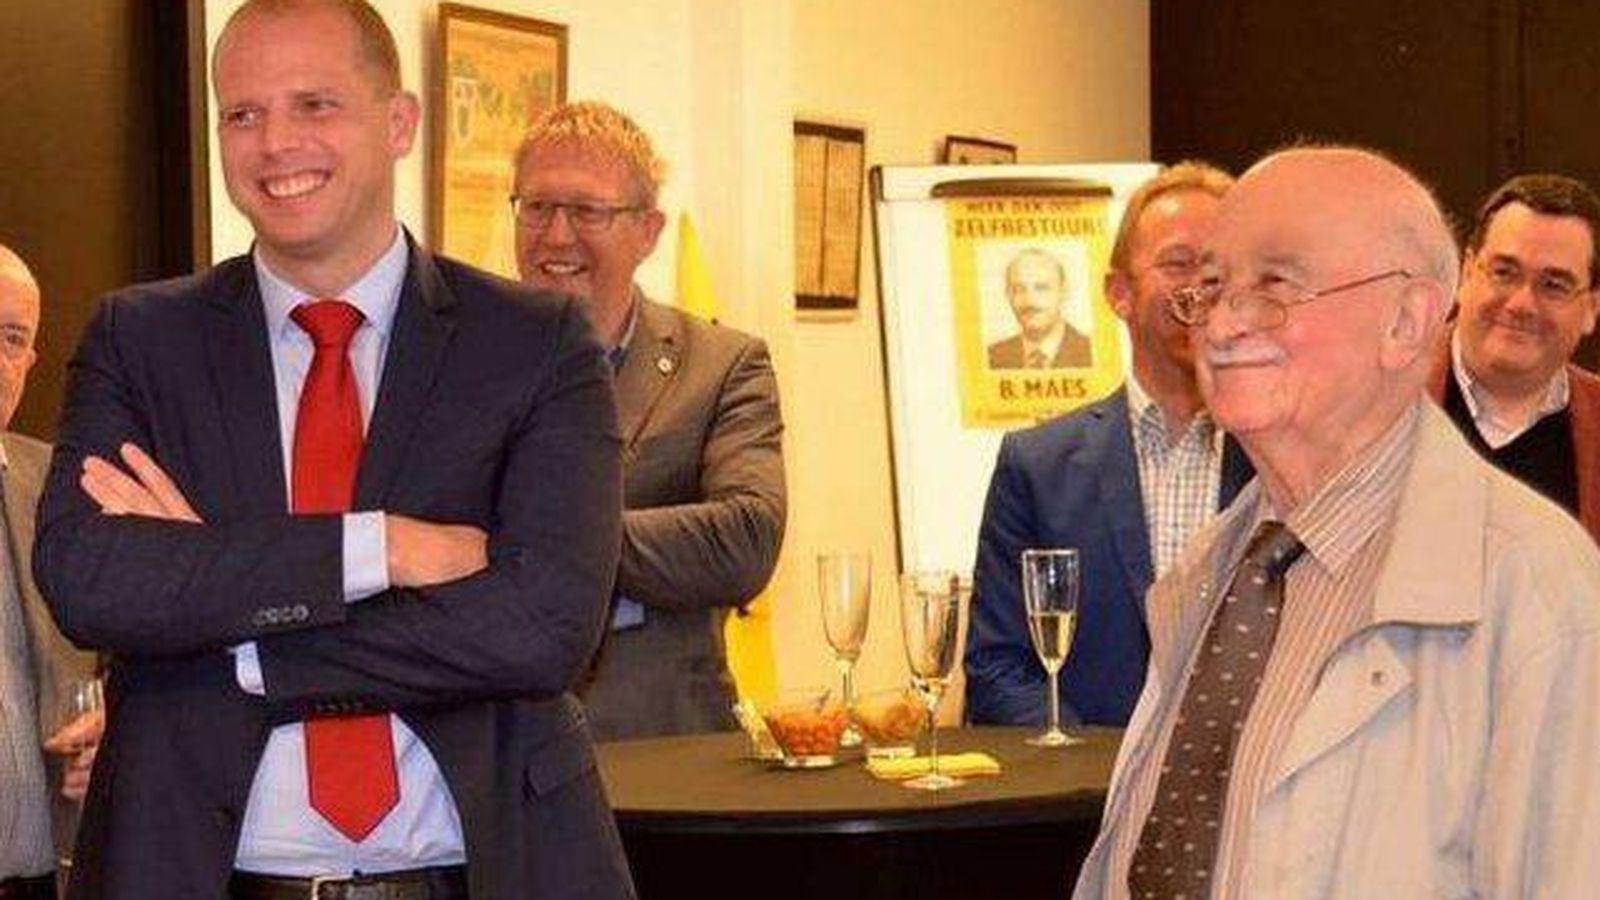 Foto: Fiesta de cumpleaños de Bob Maes (d) en Zavetem a la que acudió el secretario de Estado Theo Francken (I). (Prensa belga)